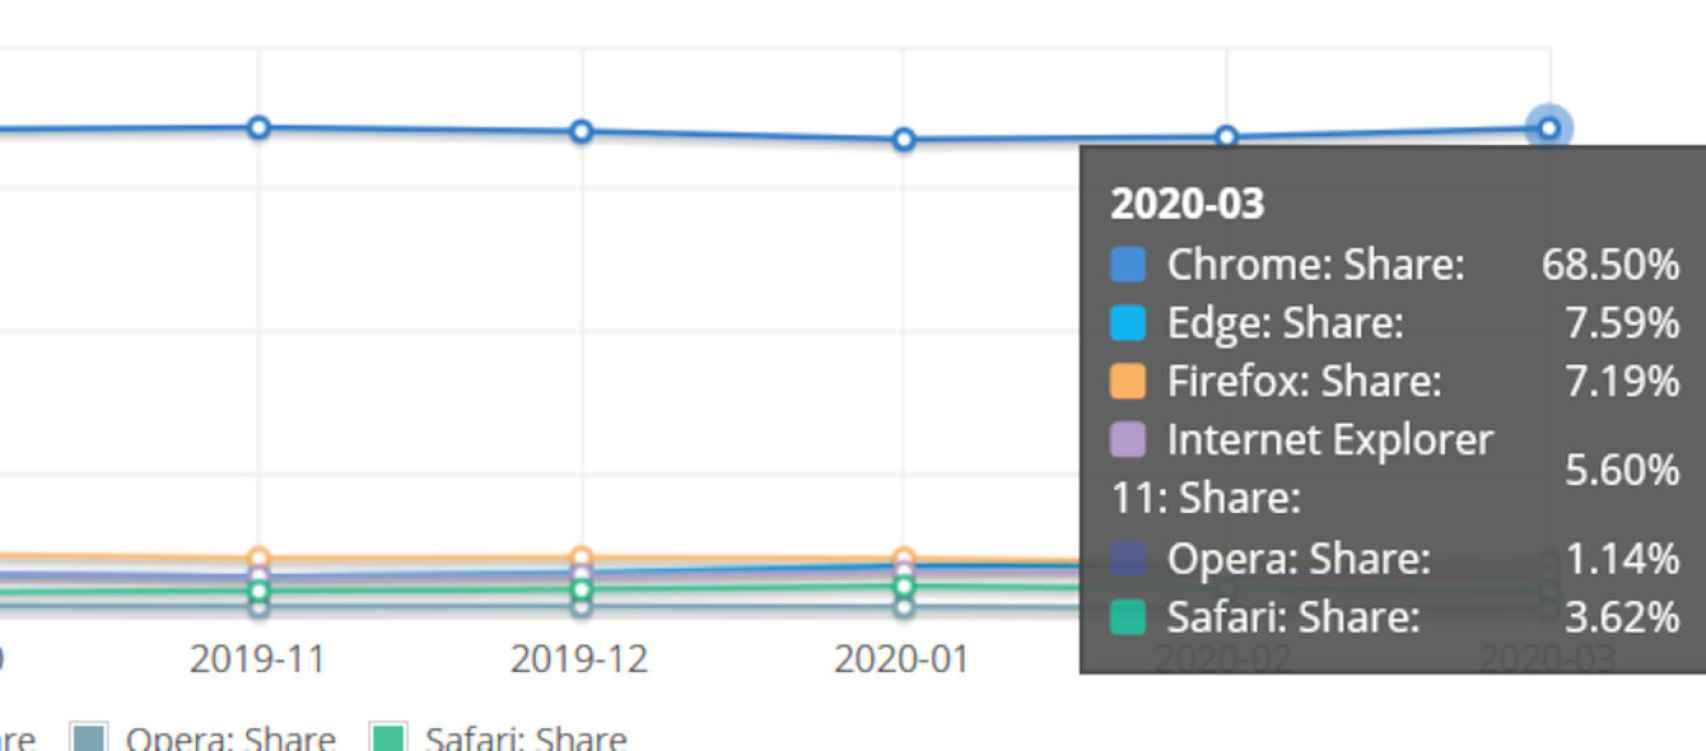 Si añadimos los datos de Chrome, vemos la gran ventaja que tiene